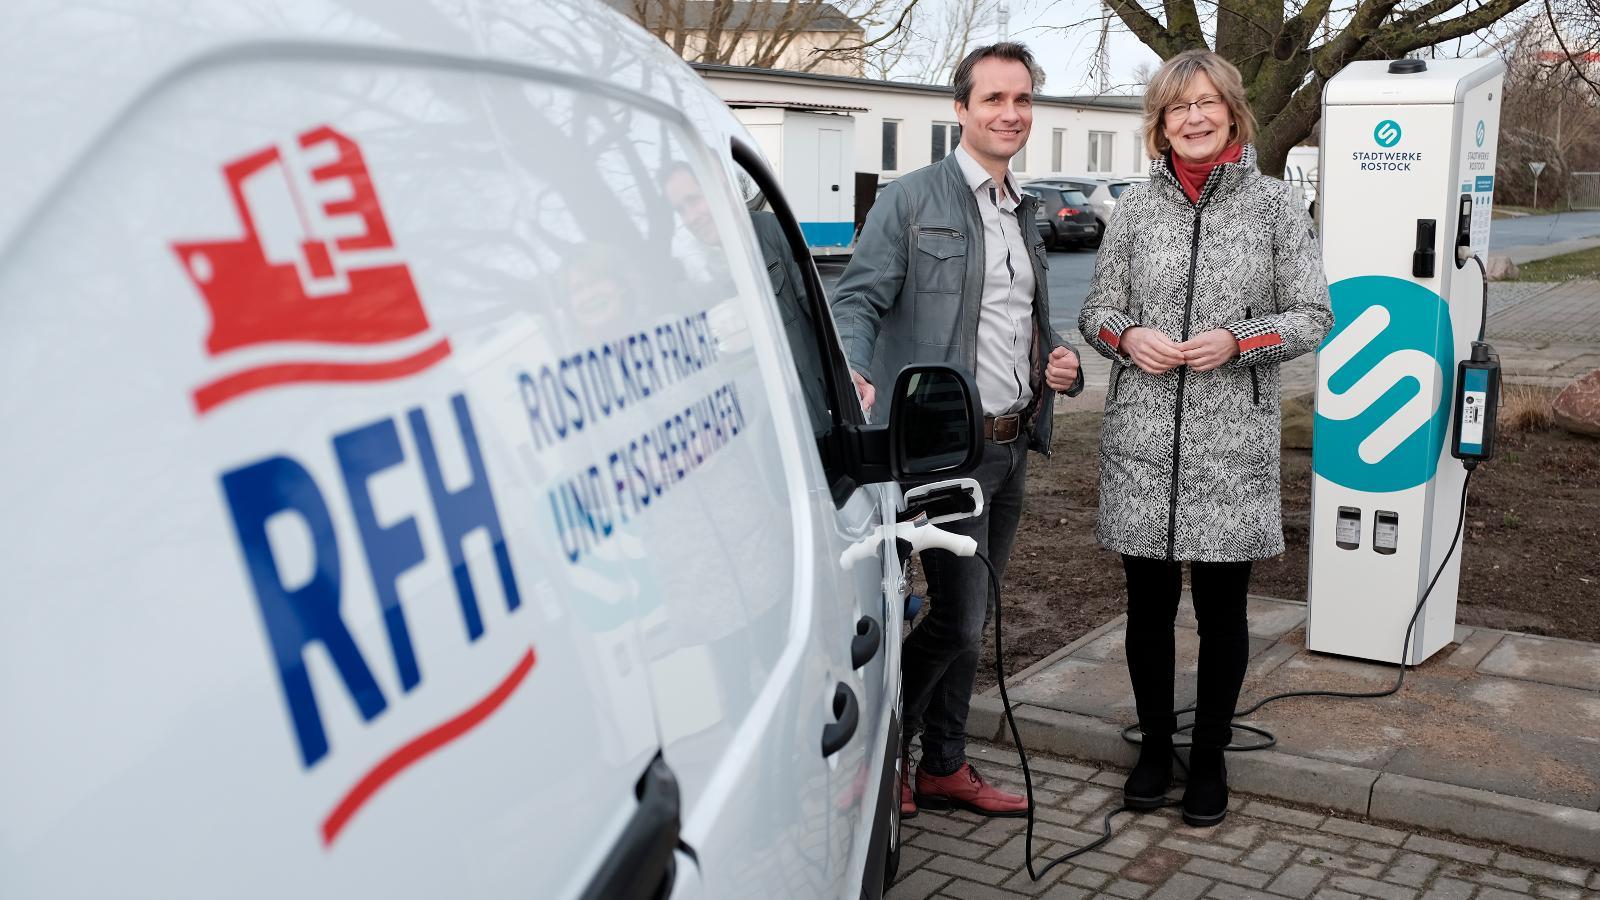 RFH-Geschäftsführer Steffen Knispel und Stadtwerke-Vorstand Ute Römer. Foto: Georg Scharnweber